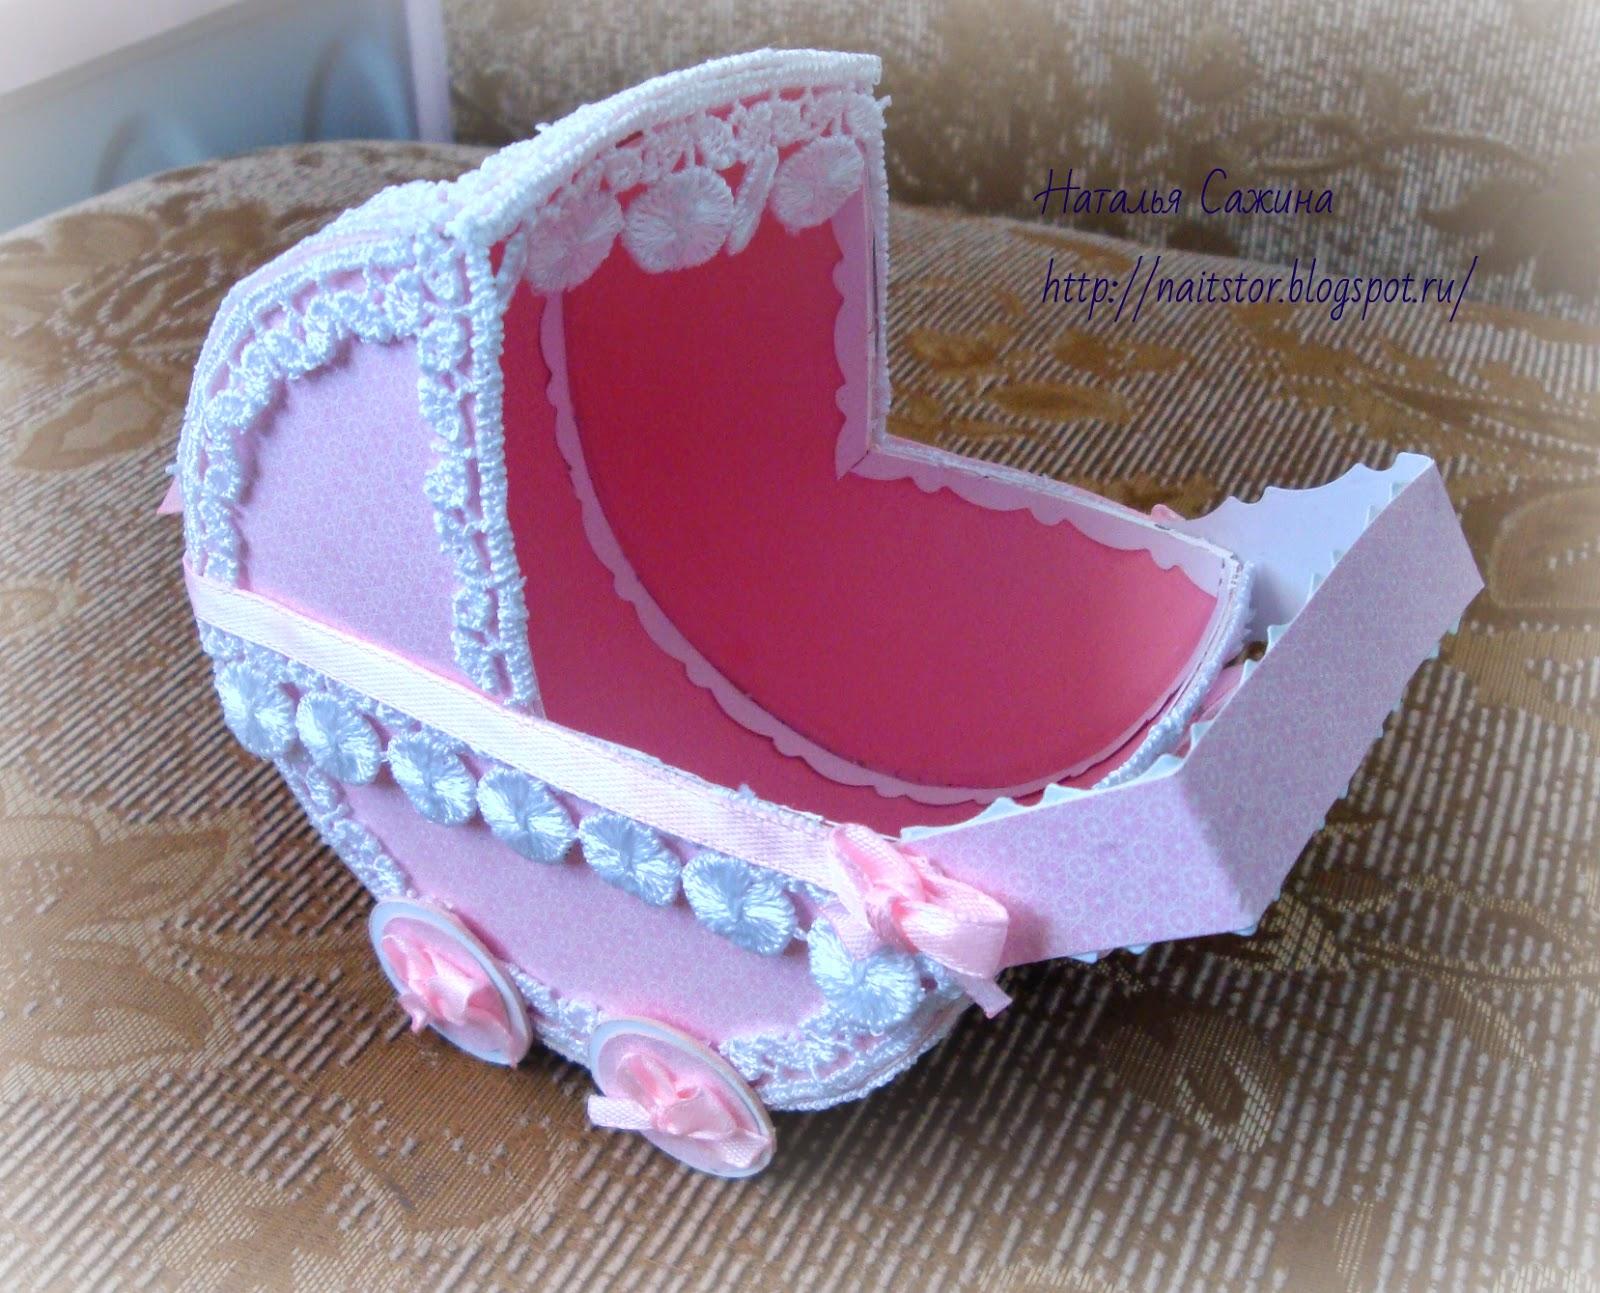 Работы из бумаги: коляска для денег ФОТО #1 Декор своими